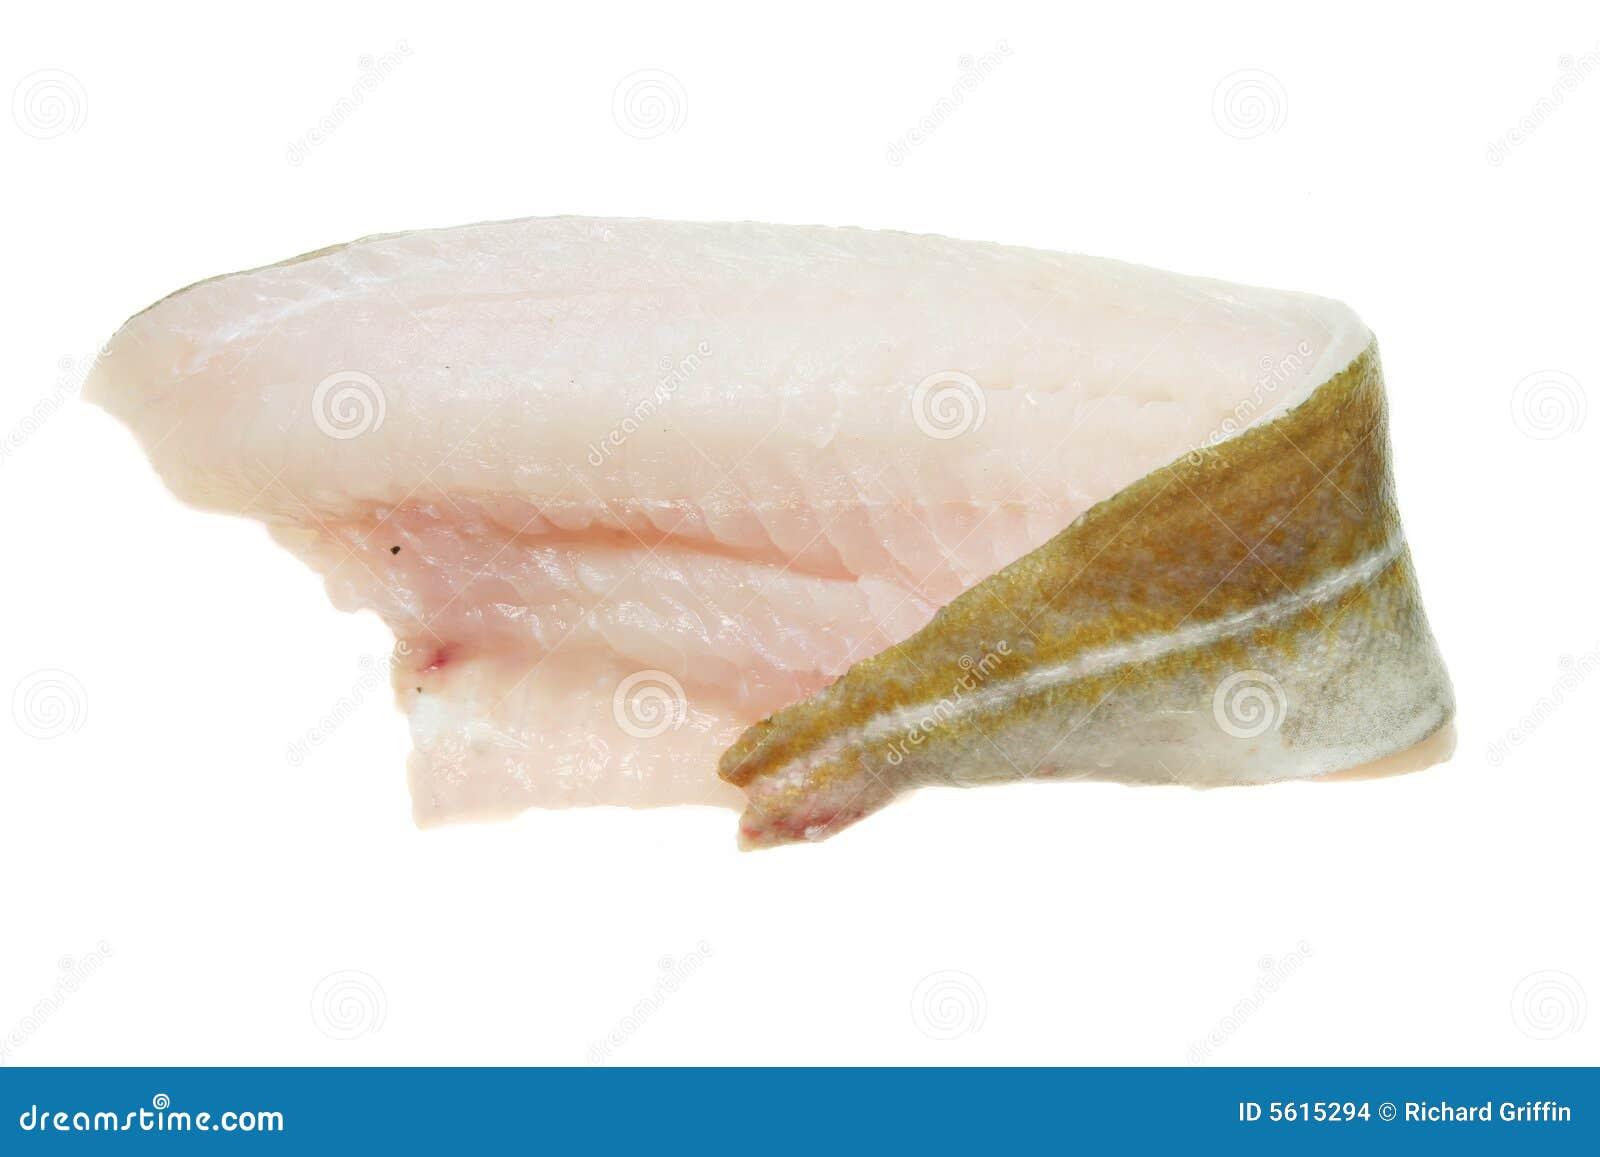 Cod fillet stock images image 5615294 for Cod fish fillet